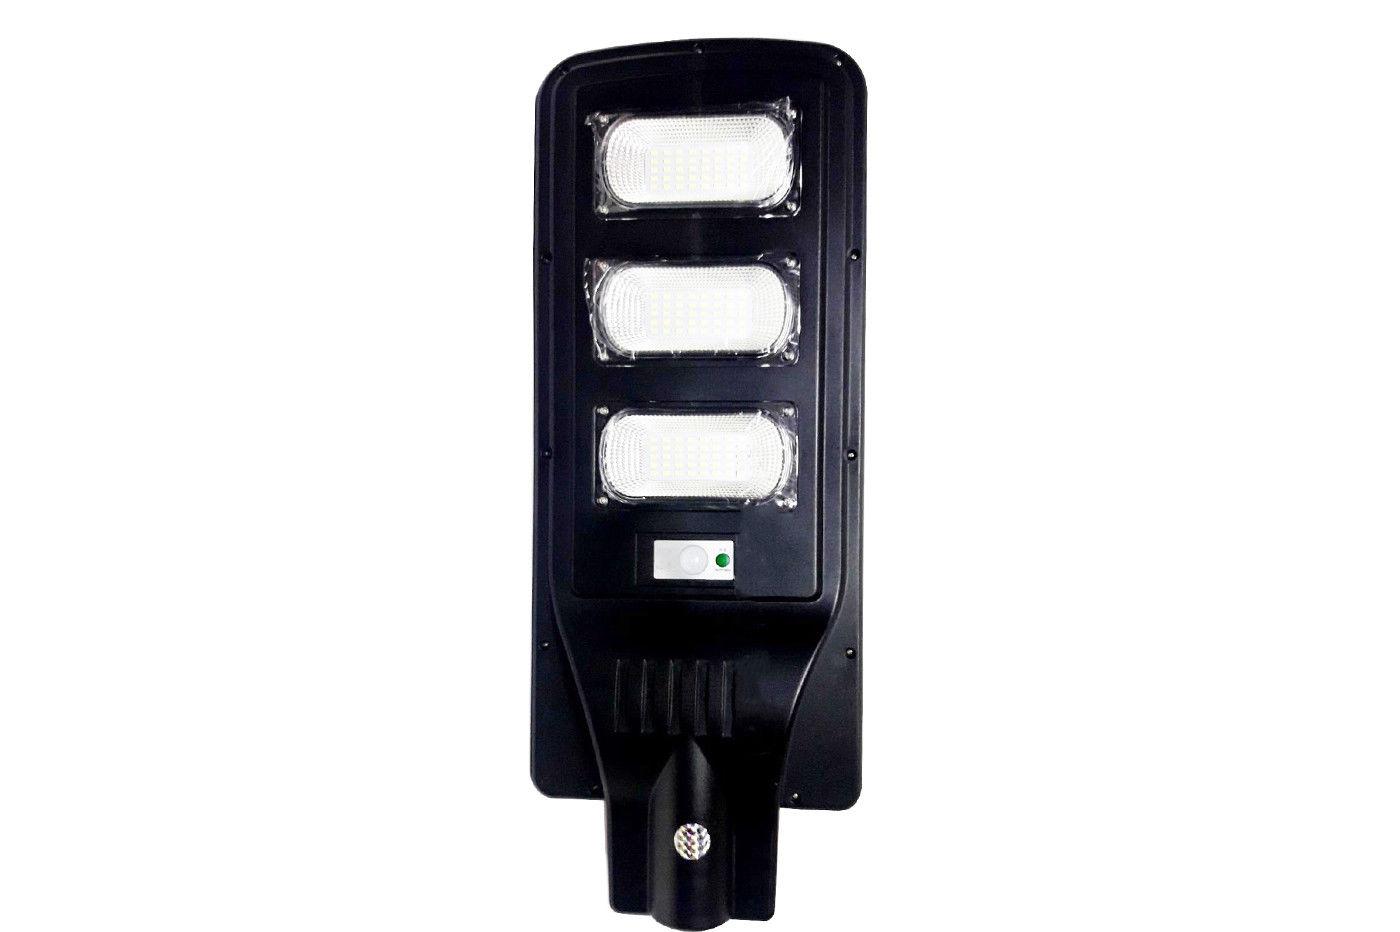 Plafoniere Per Lampioni Stradali : Bes 24465 illuminazione ad energia solare beselettronica faro